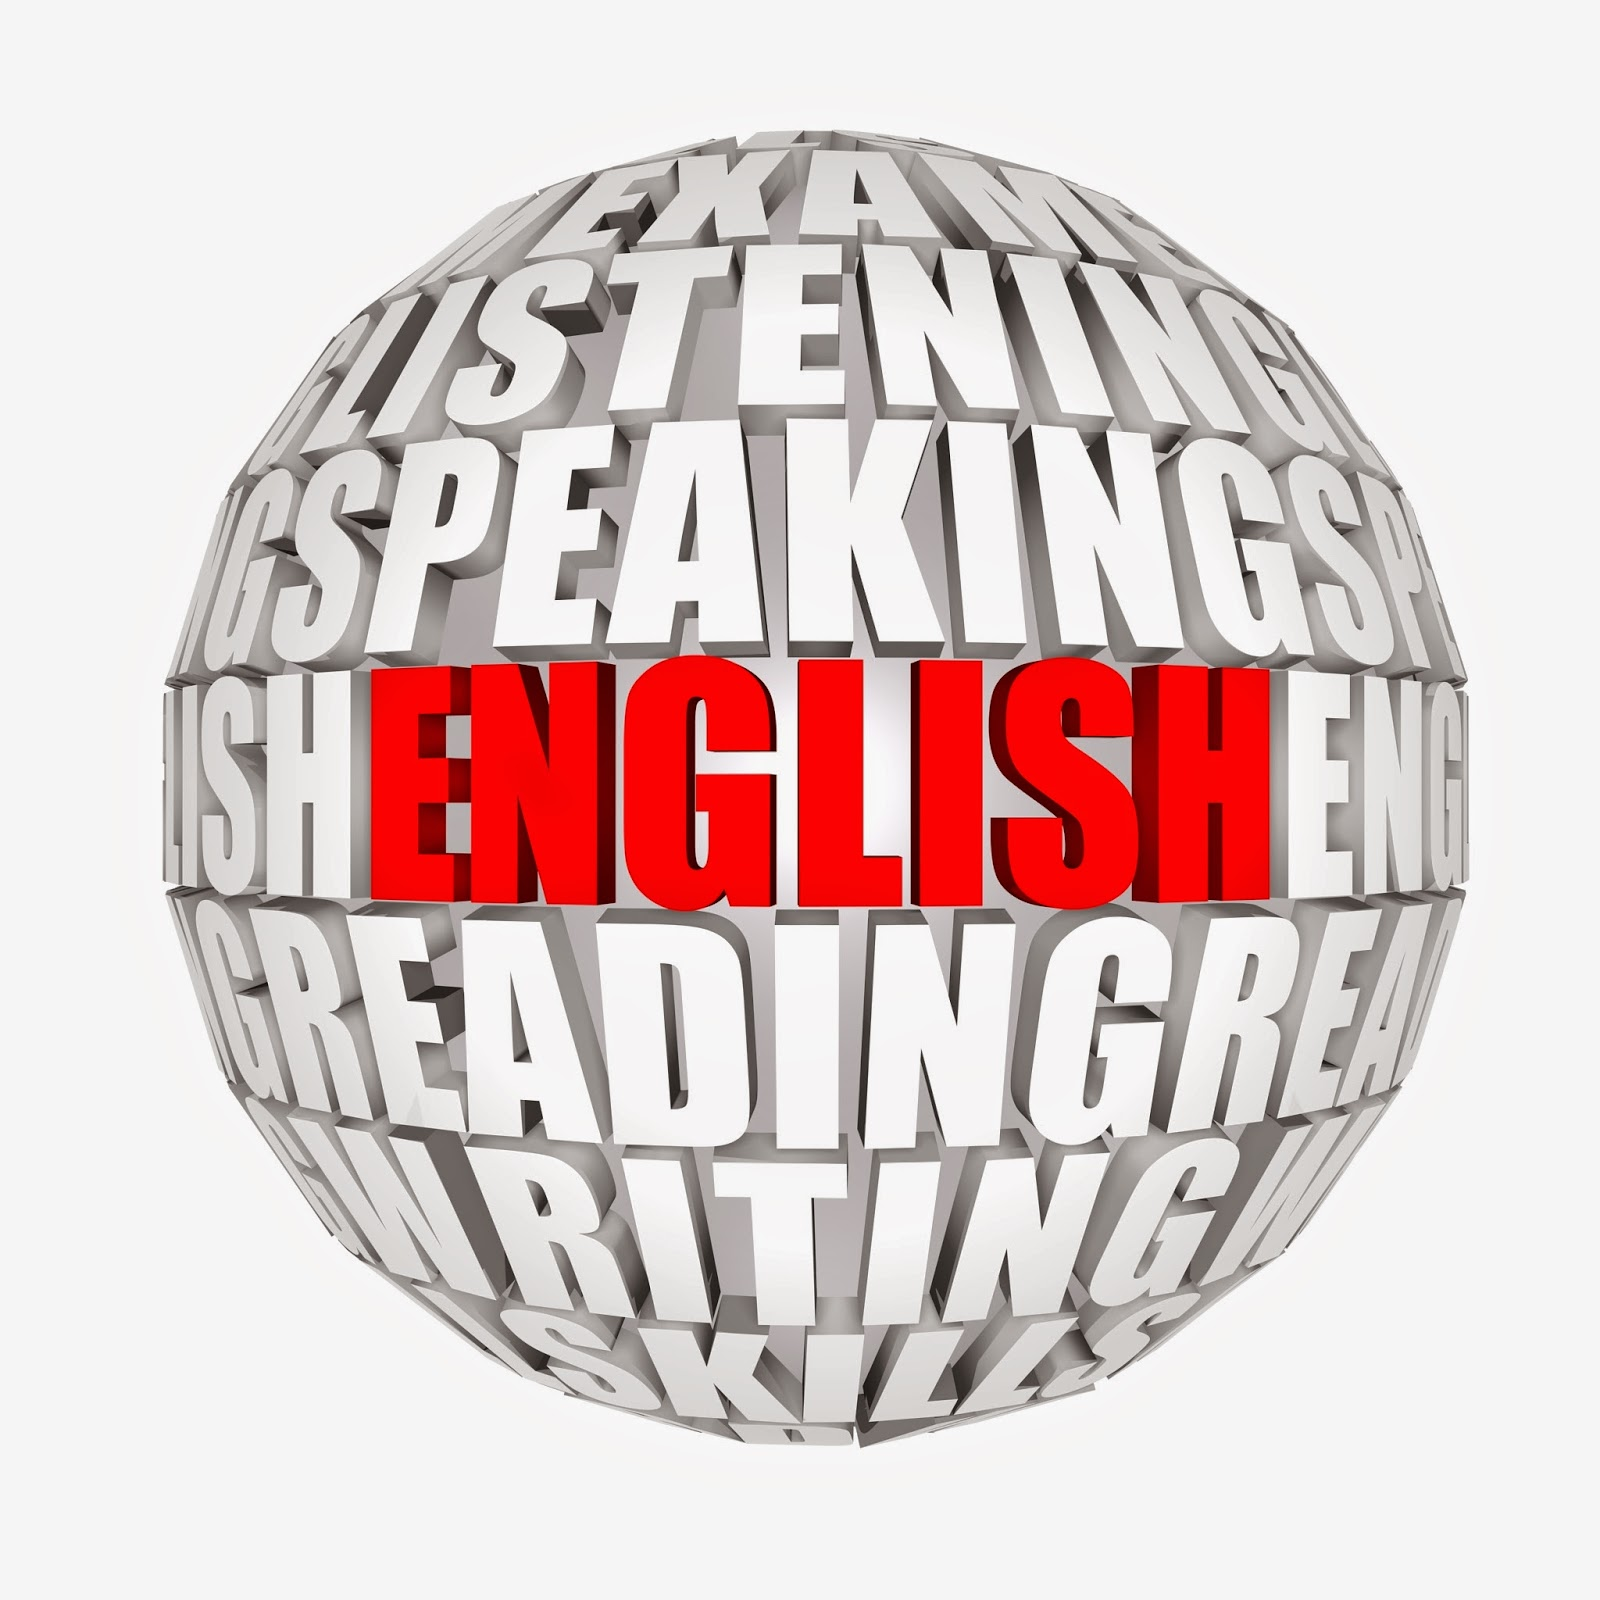 انجام پایان نامه زبان انگلیسی و سمینار پروپوزال مقاله تحقیق و پروژه های دانشجویی زبان و ادبیات آموزش مترجمی ارشد زبان انگلیسی زبانشناسی efl esl eal ESOL